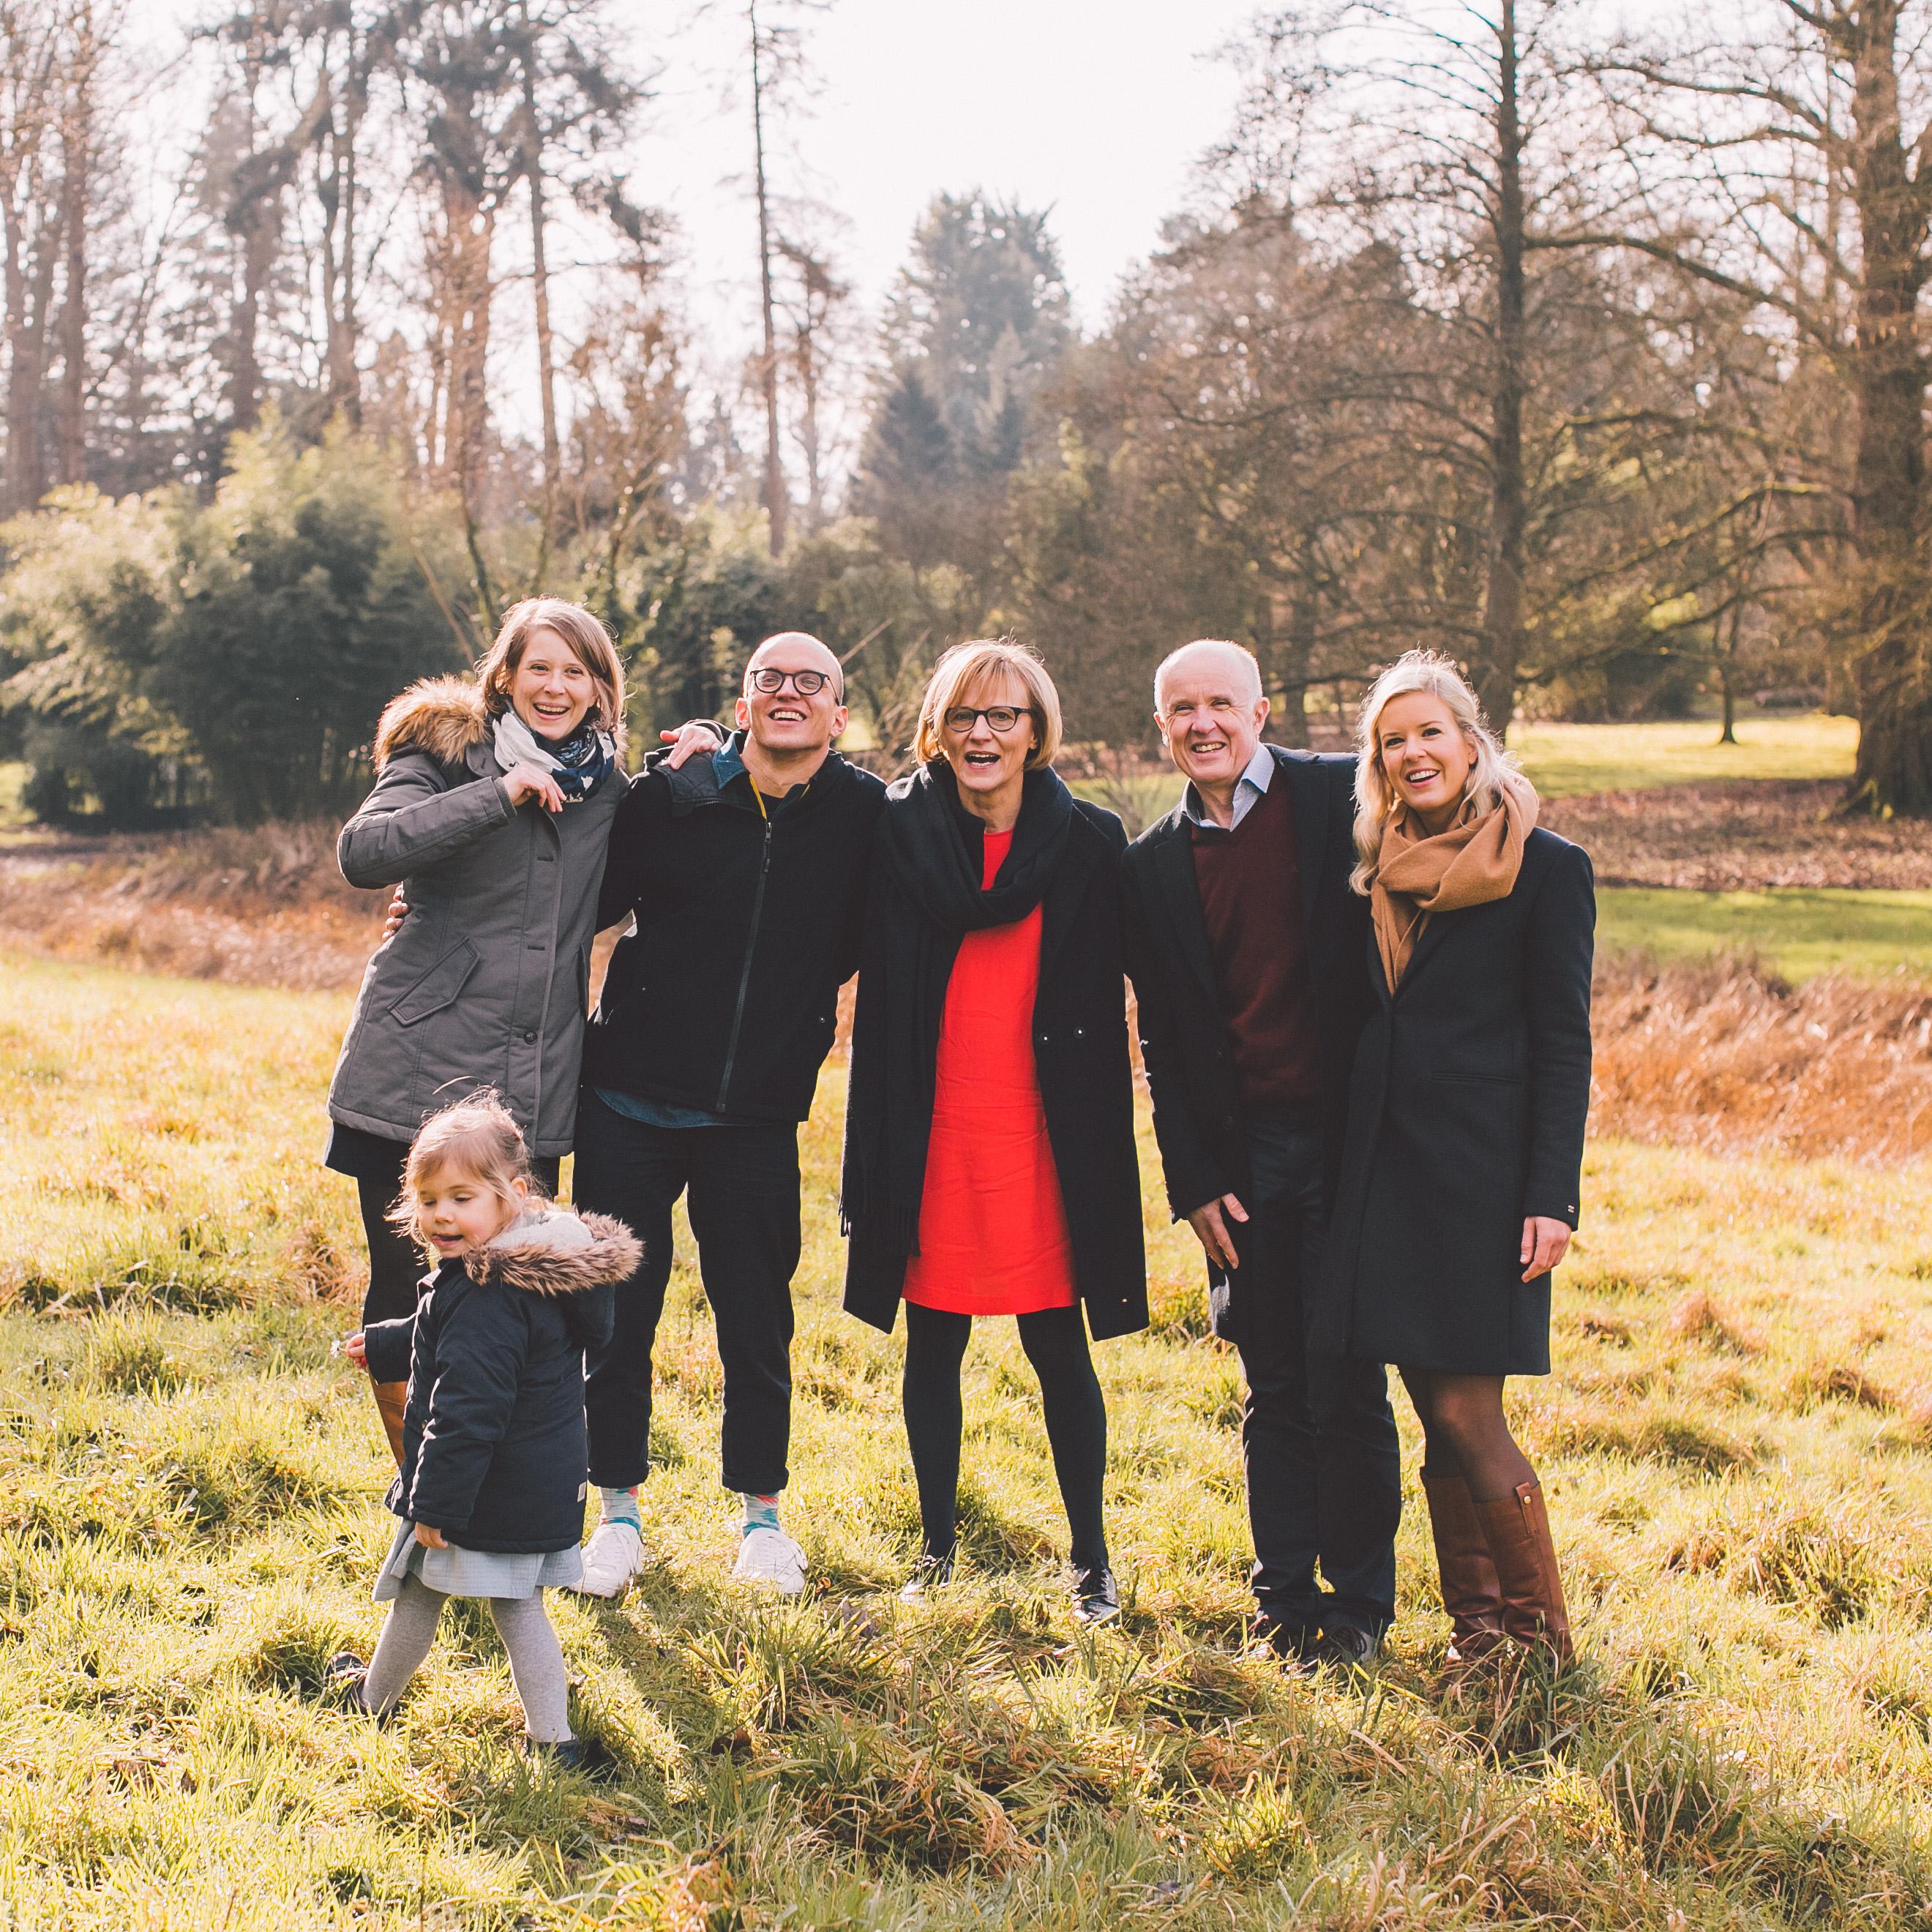 FAMILIE DENTURCK-1347